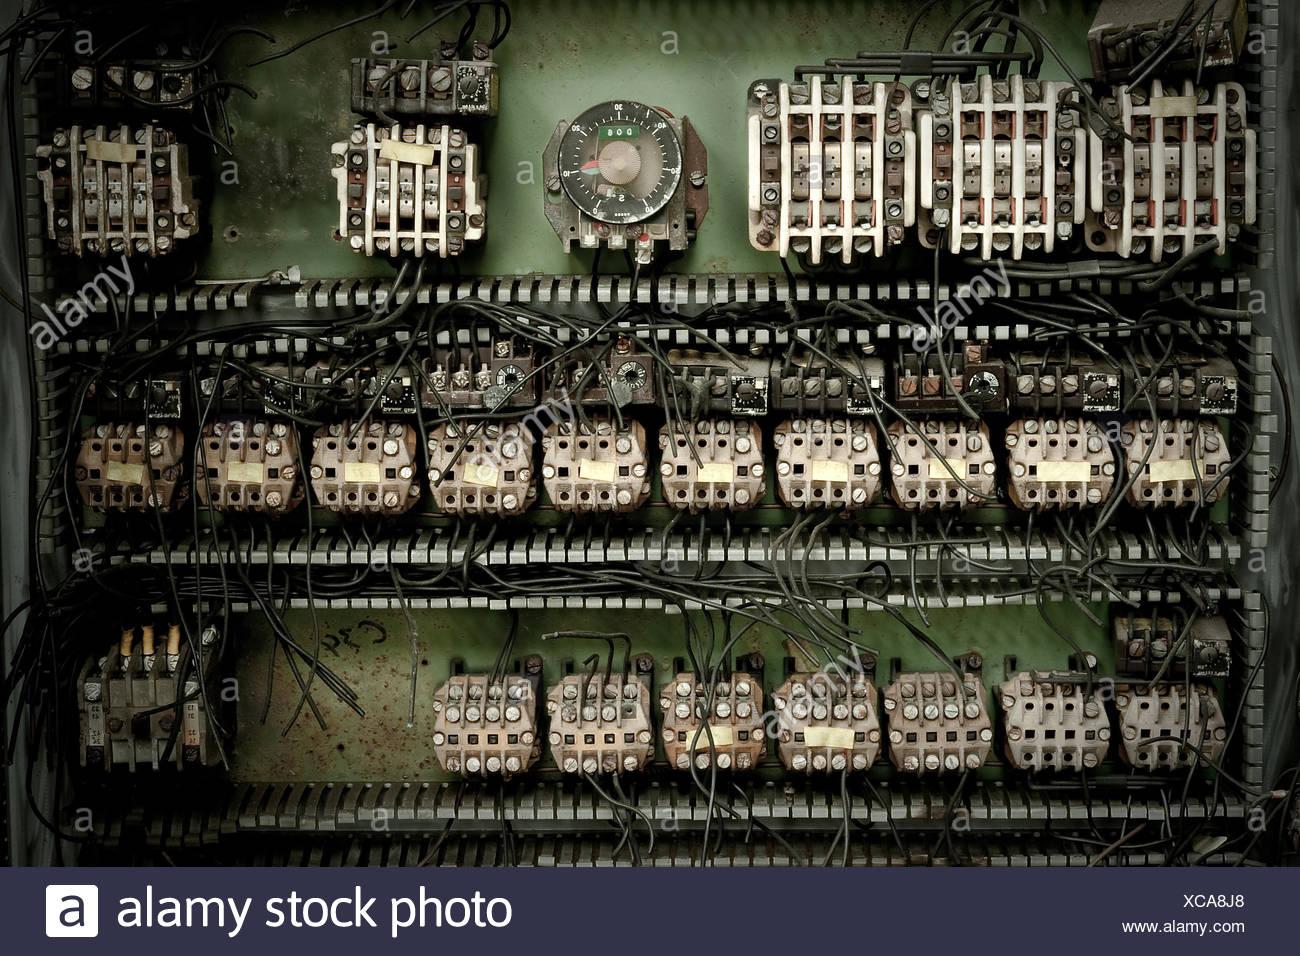 Tolle Elektrische Drahtwagen Ideen - Schaltplan Serie Circuit ...